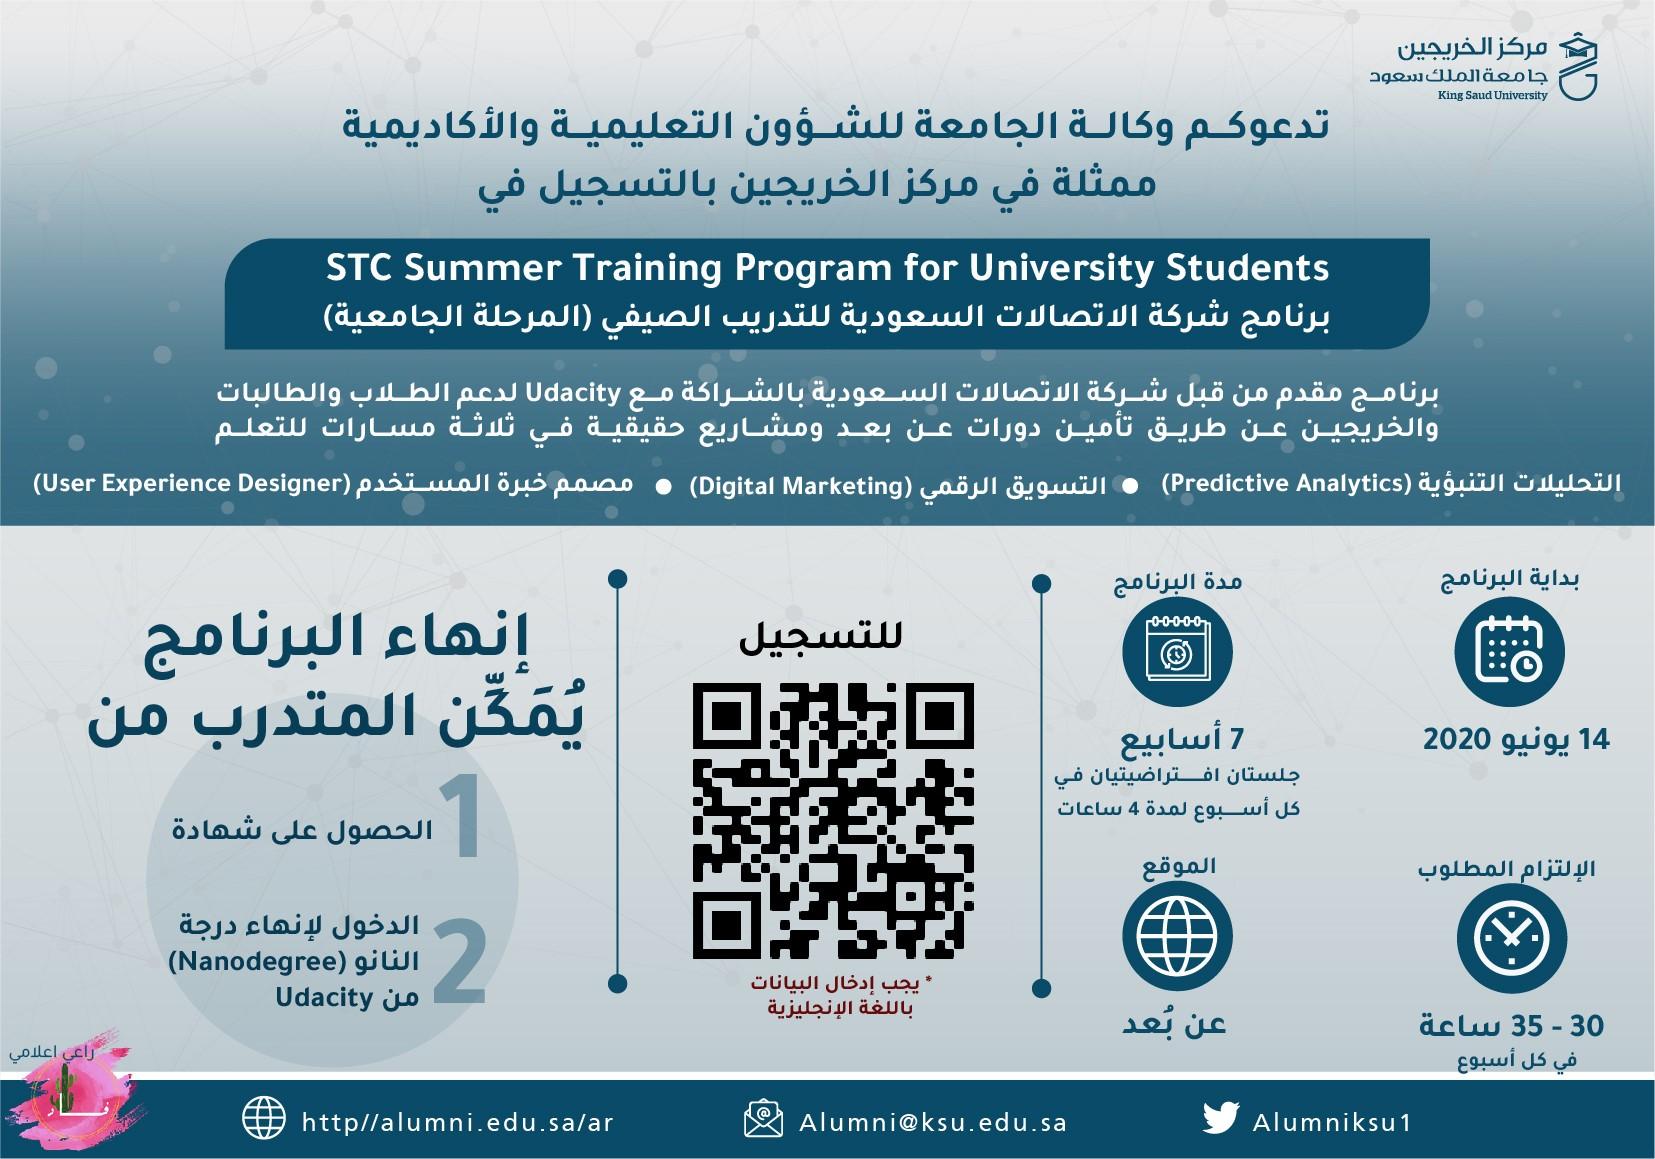 برنامج شركة الإتصالات للتدريب الصيفي (المرحلة الجامعية)